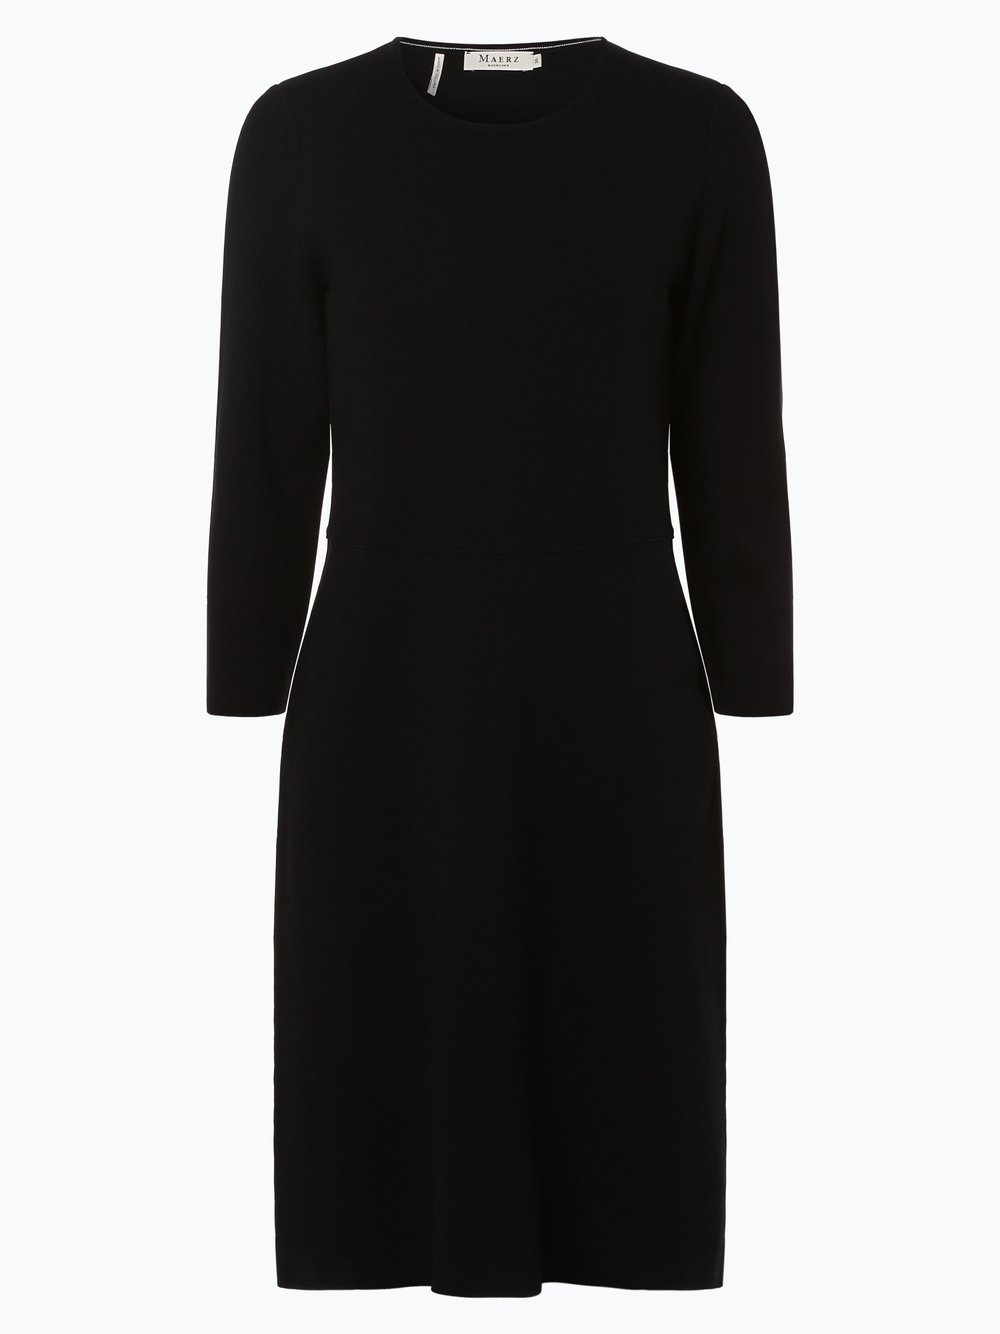 März – Sukienka damska, niebieski Van Graaf 448378-0001